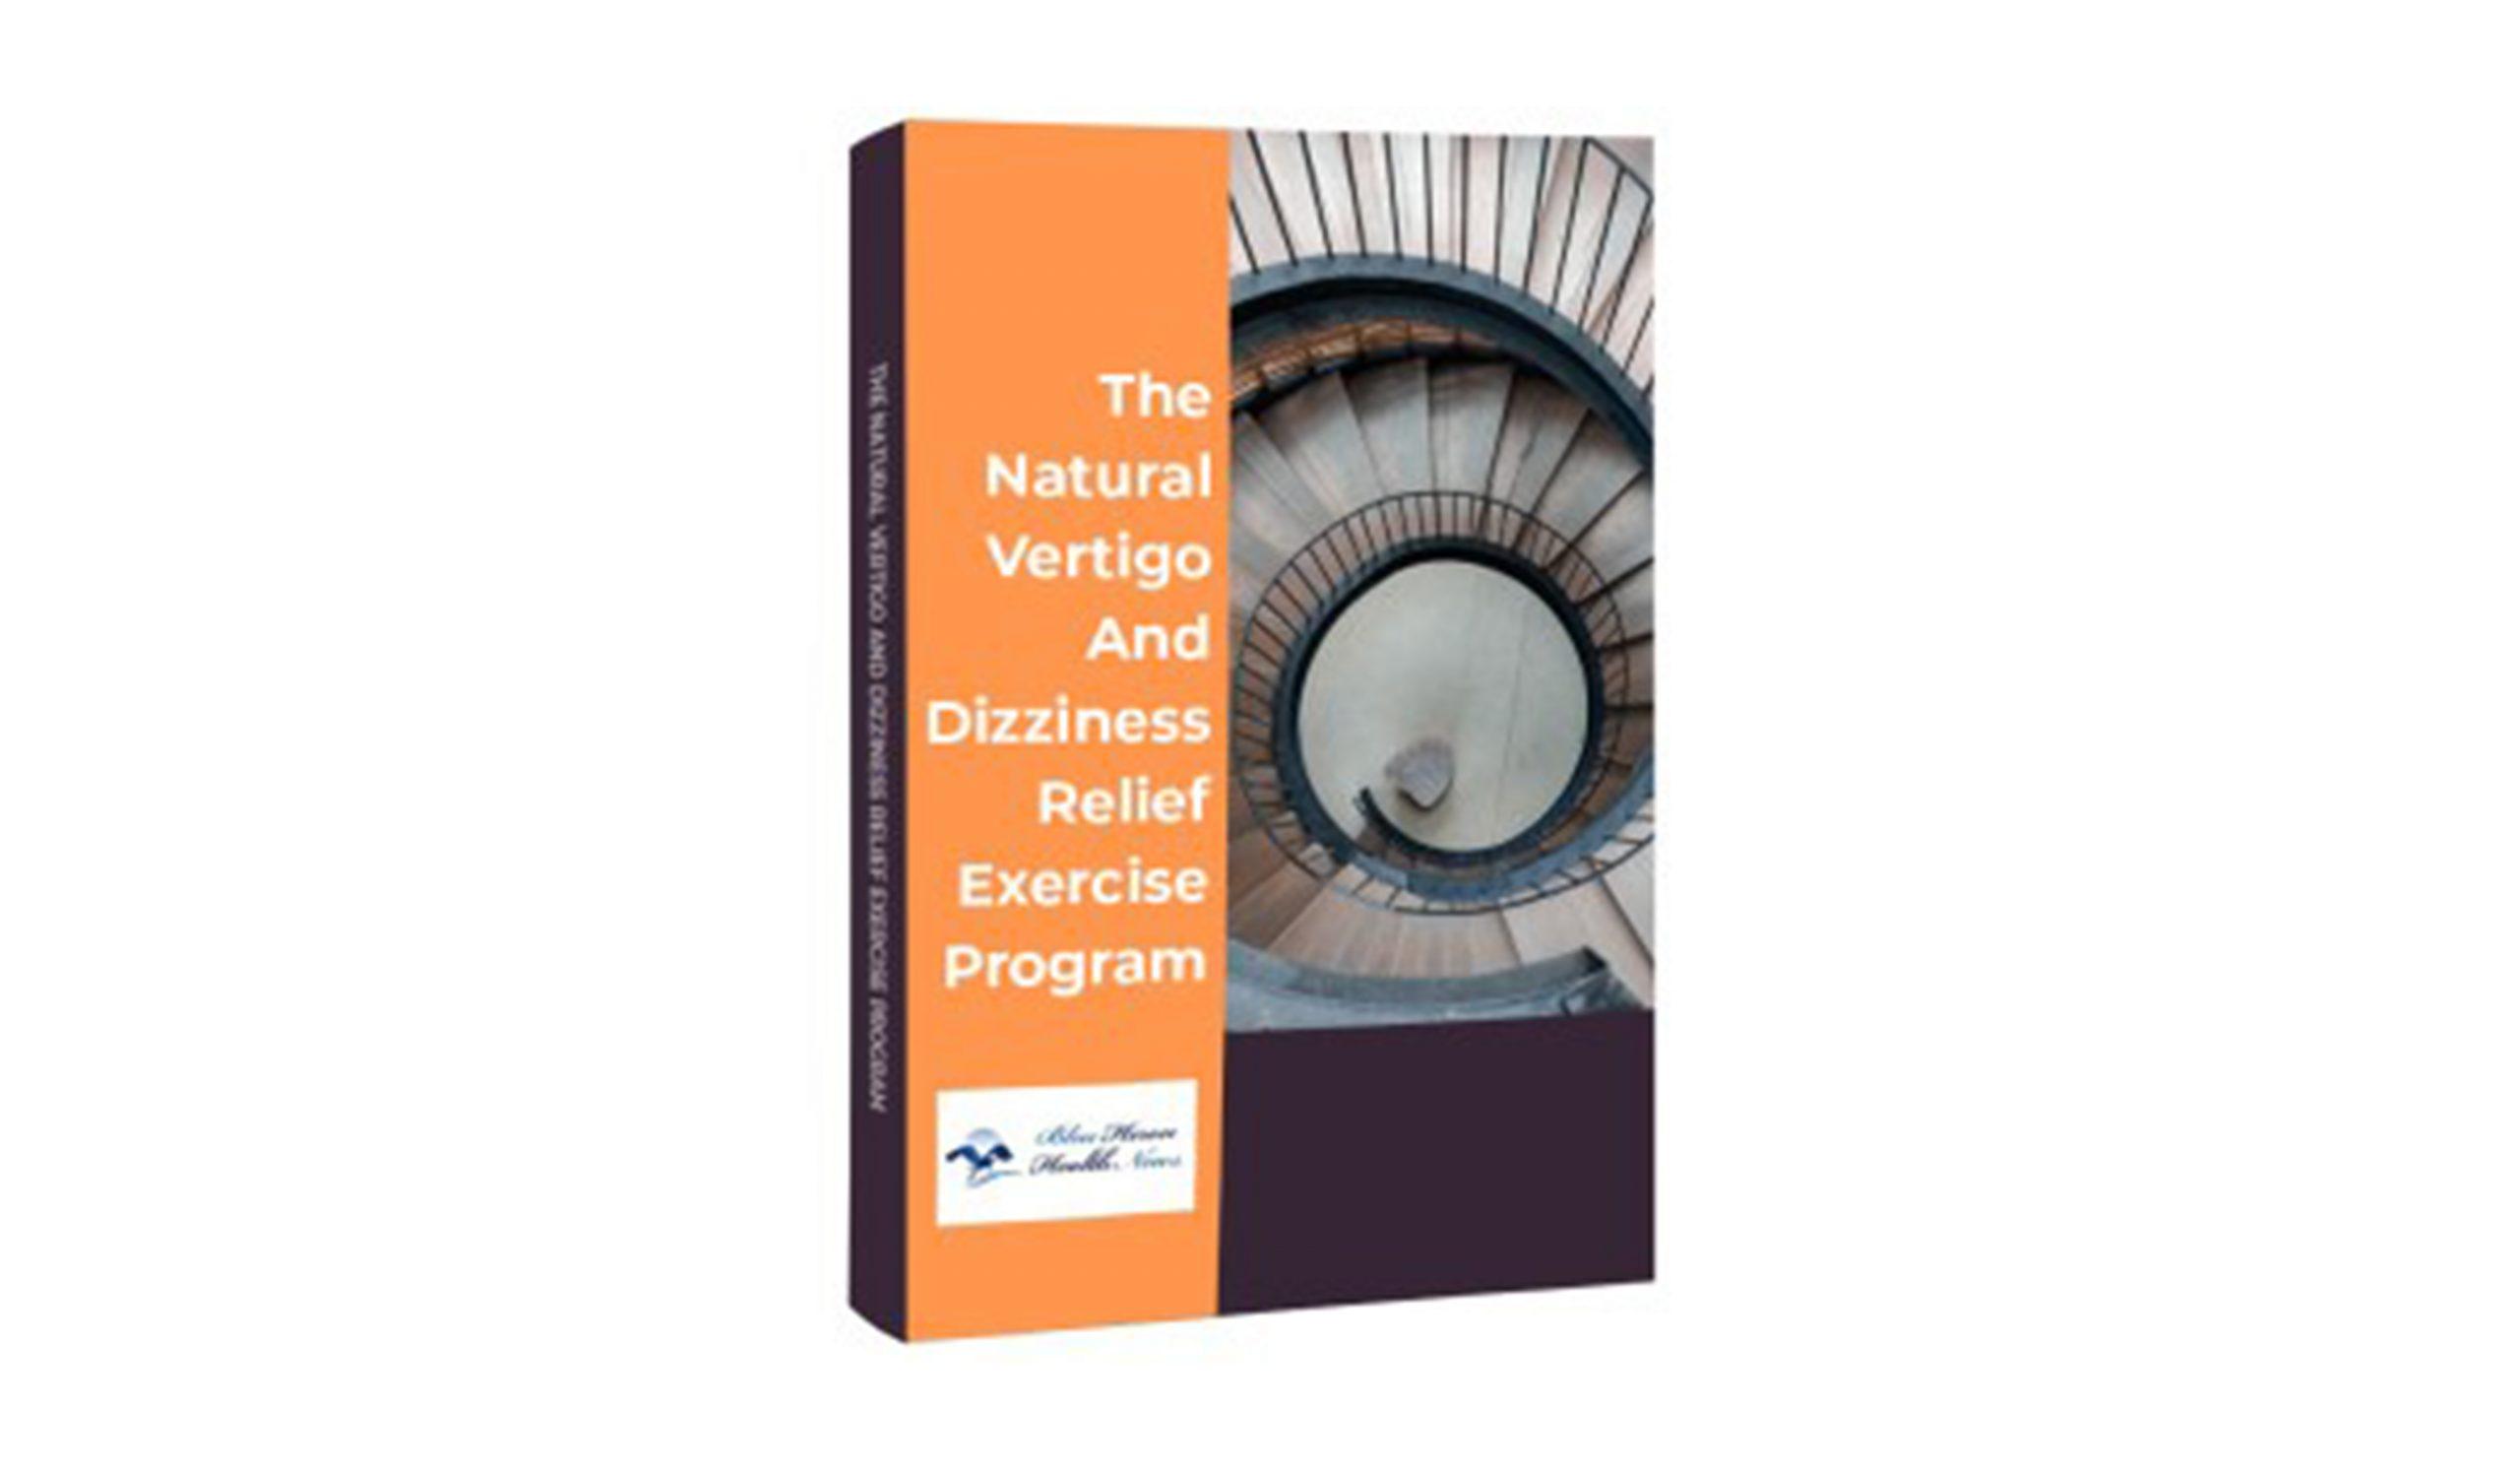 The Vertigo And Dizziness Program Review1